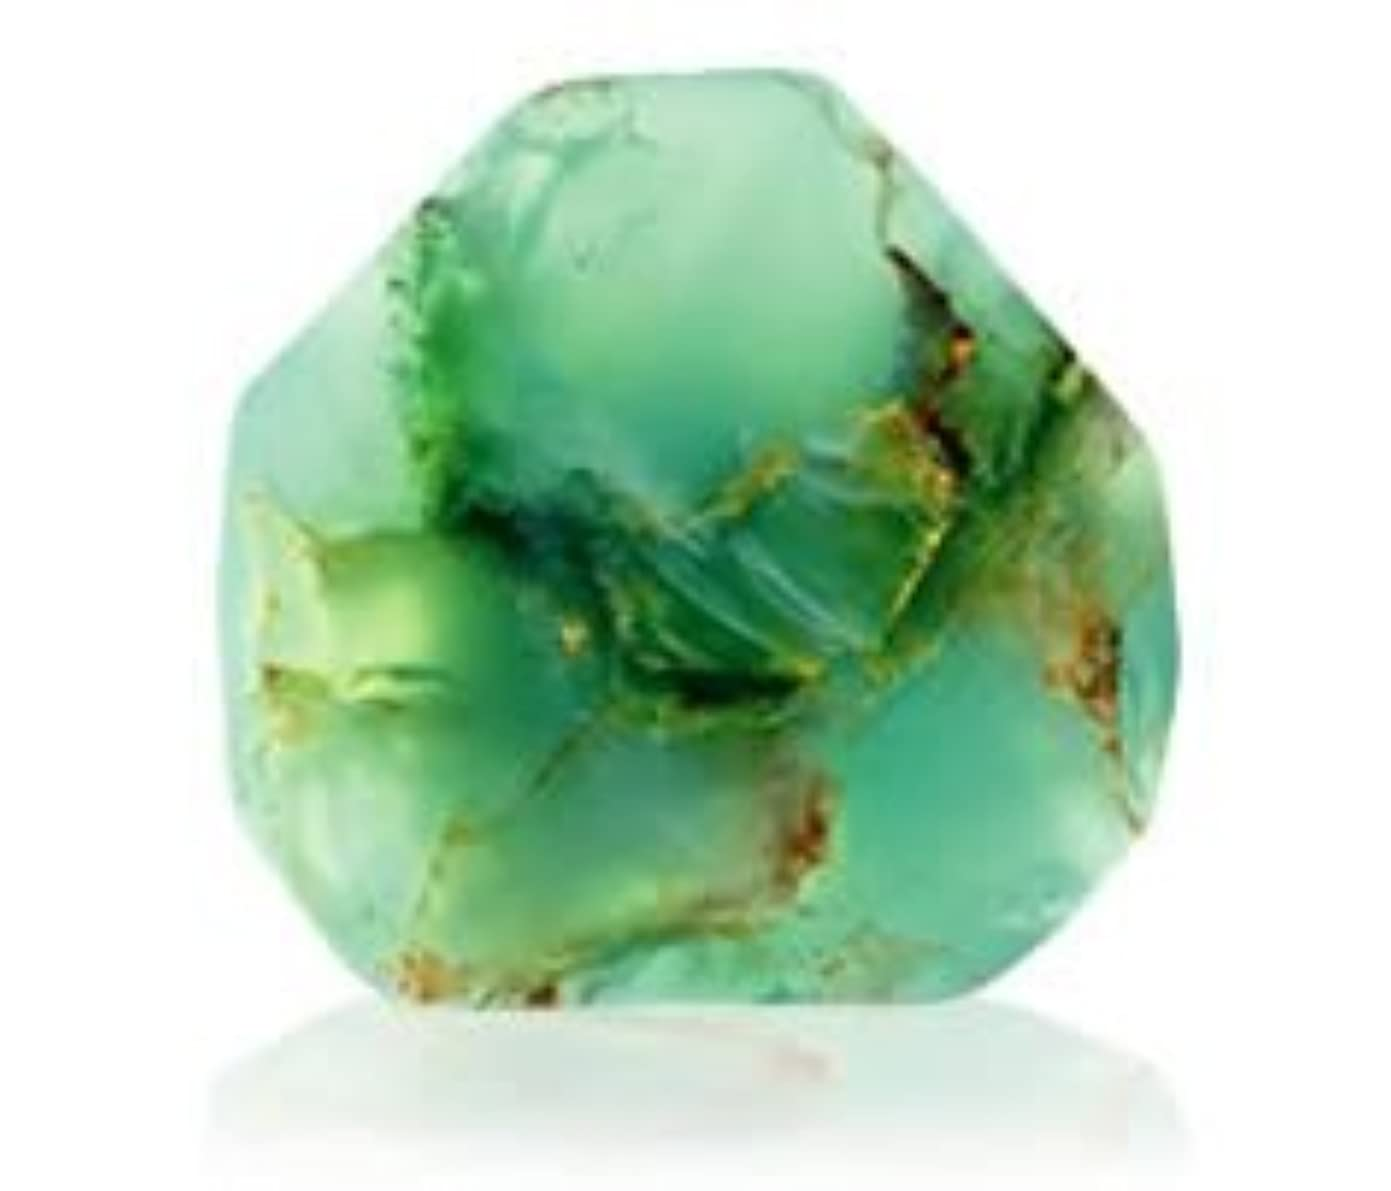 孤独な地球謙虚なSavons Gemme サボンジェム 世界で一番美しい宝石石鹸 フレグランスソープ ジェイド 170g